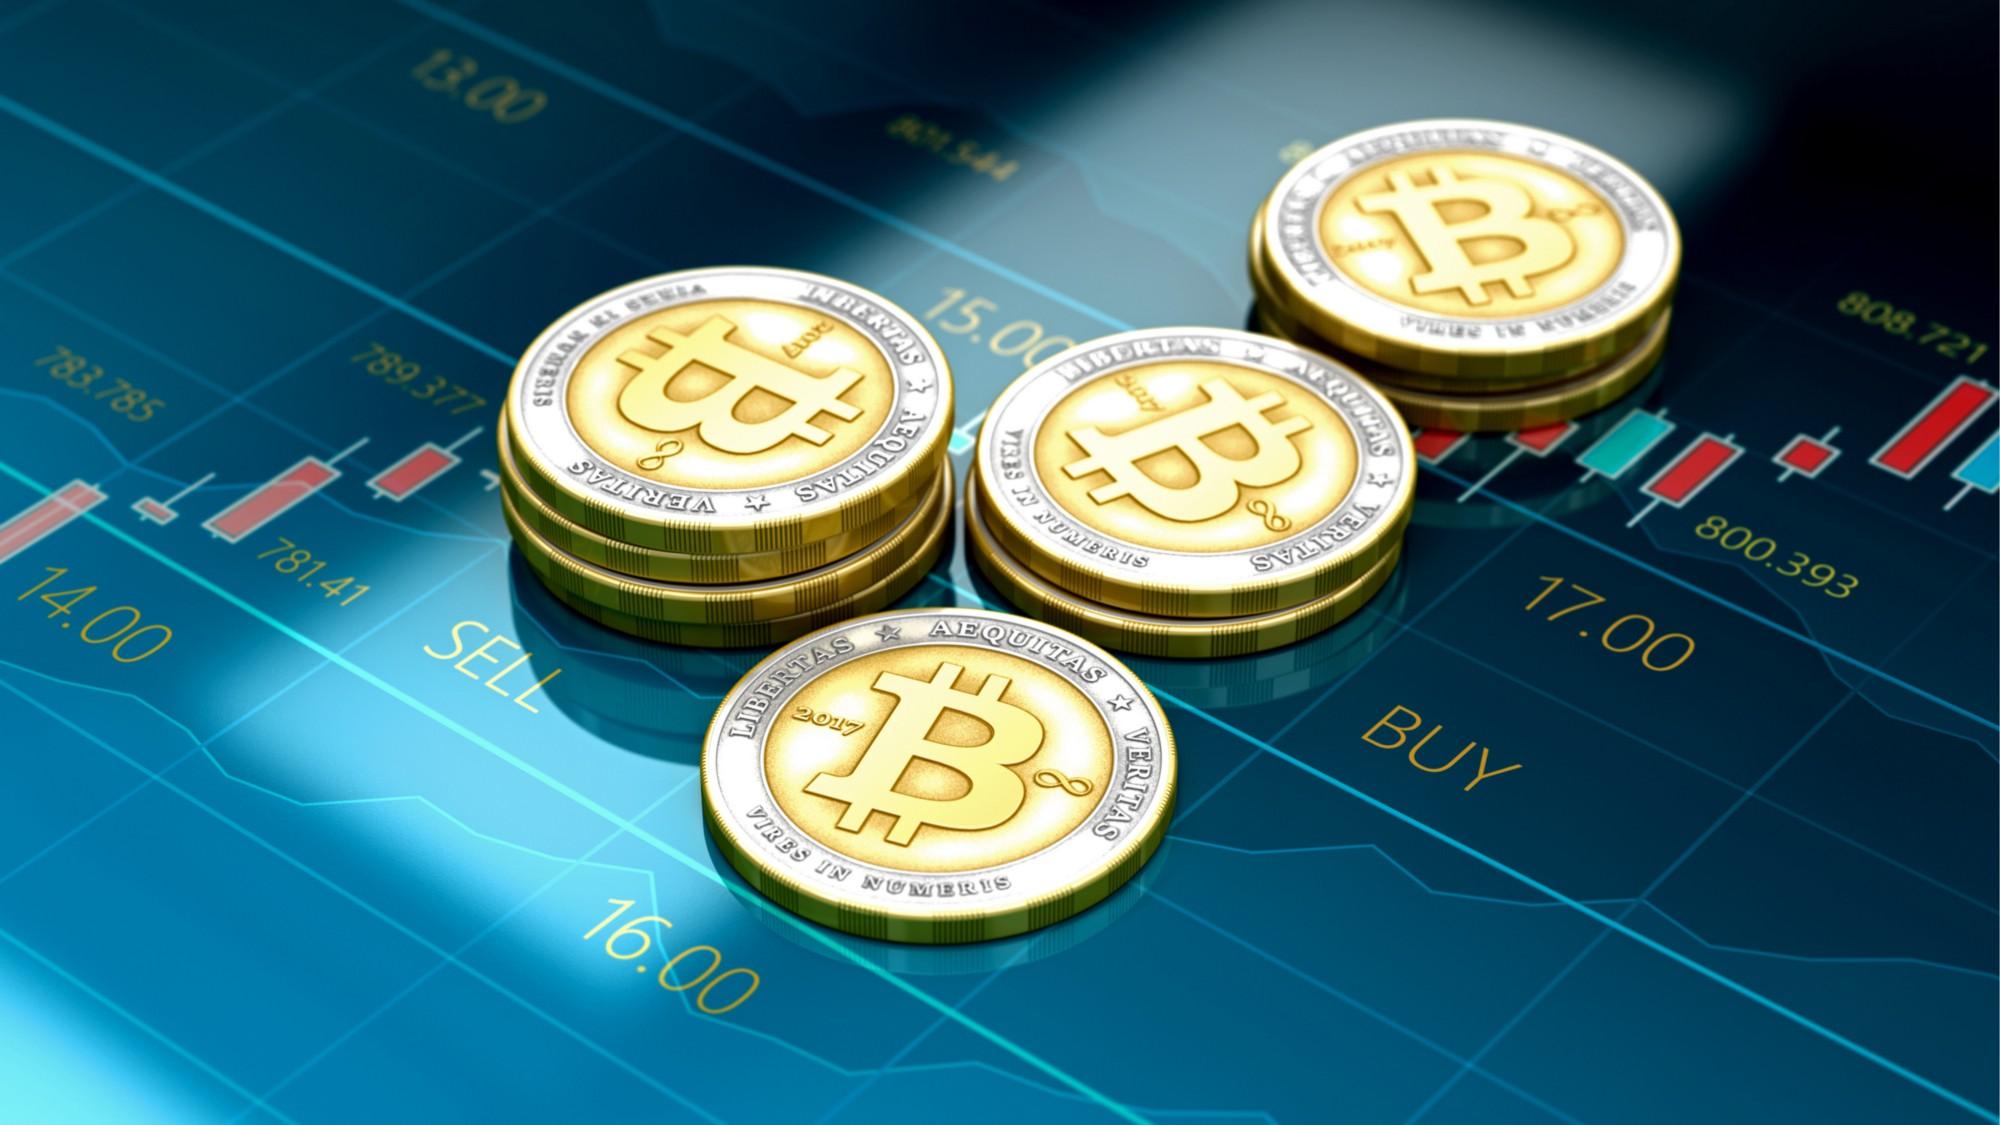 Mẹo để trở thành một nhà giao dịch bitcoin thành công - Ảnh 1.